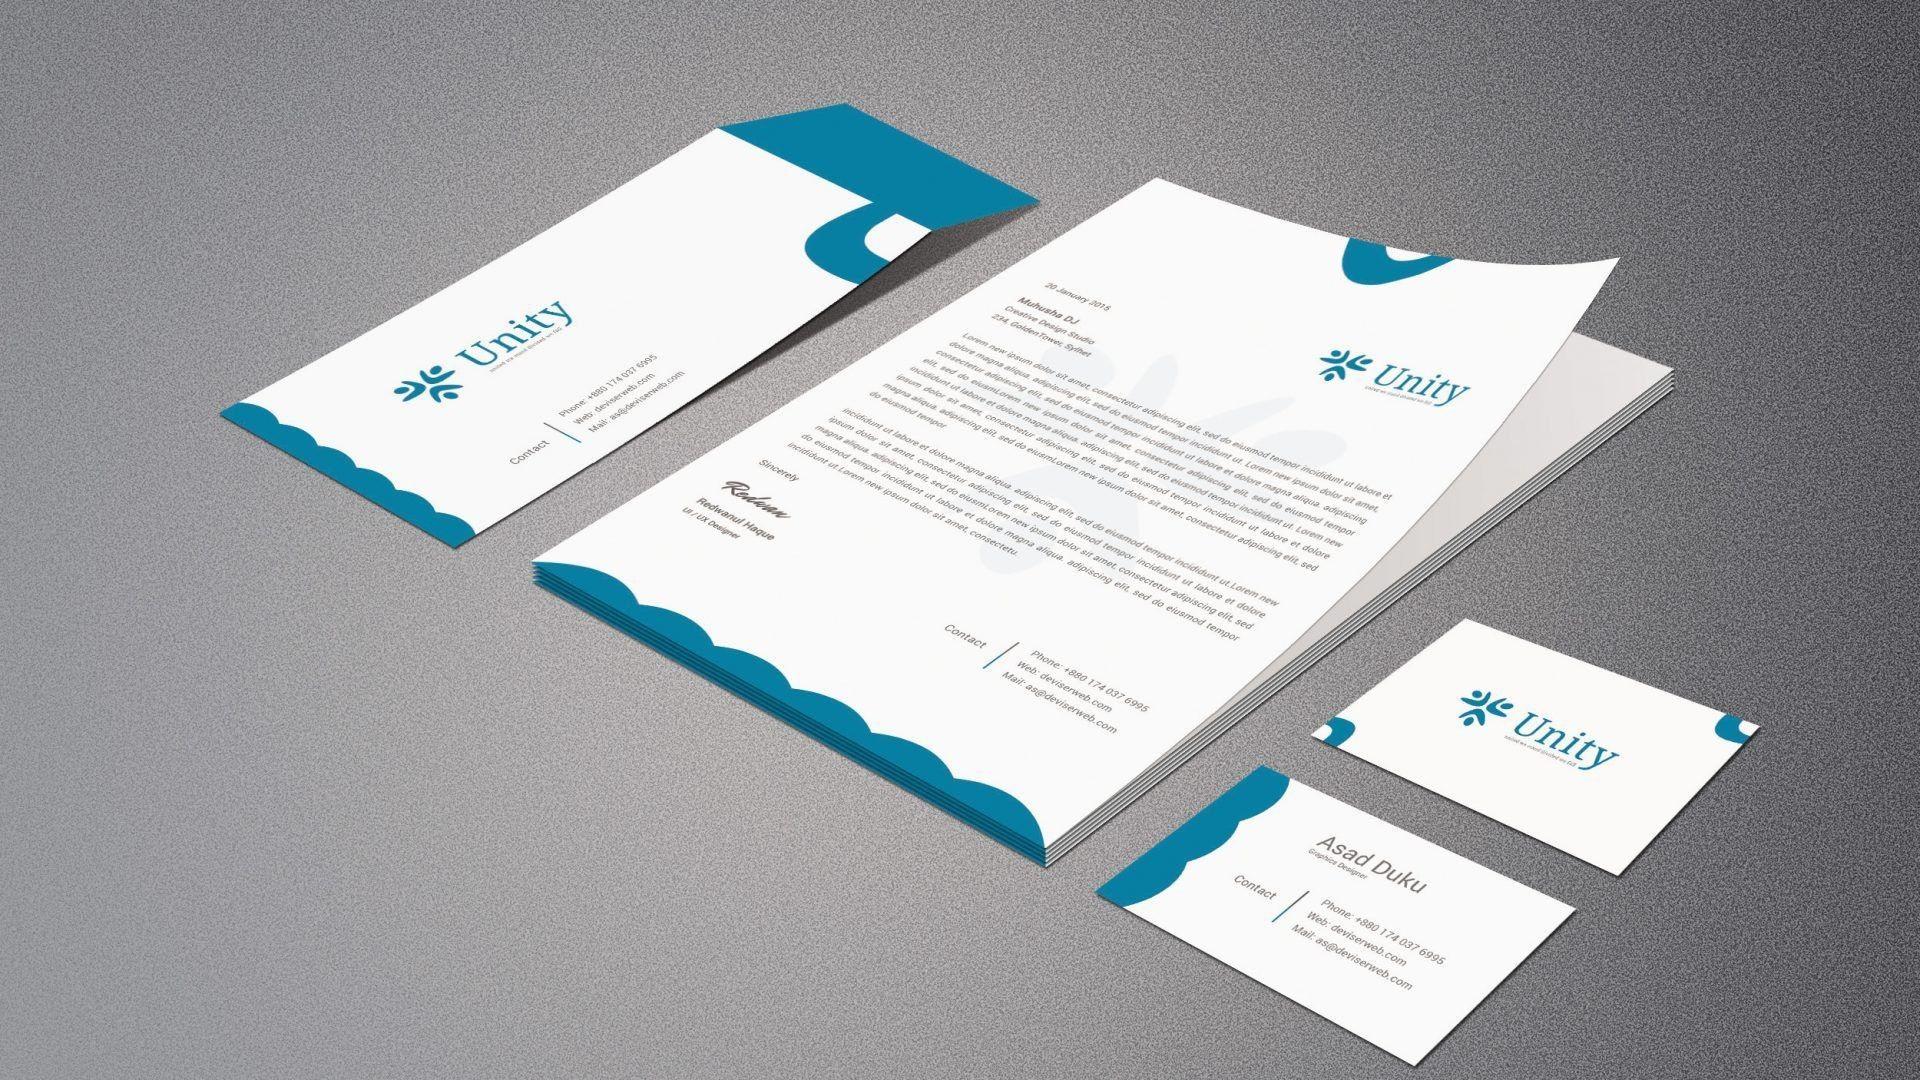 007 Unusual Busines Card Template Word 2020 Idea 1920